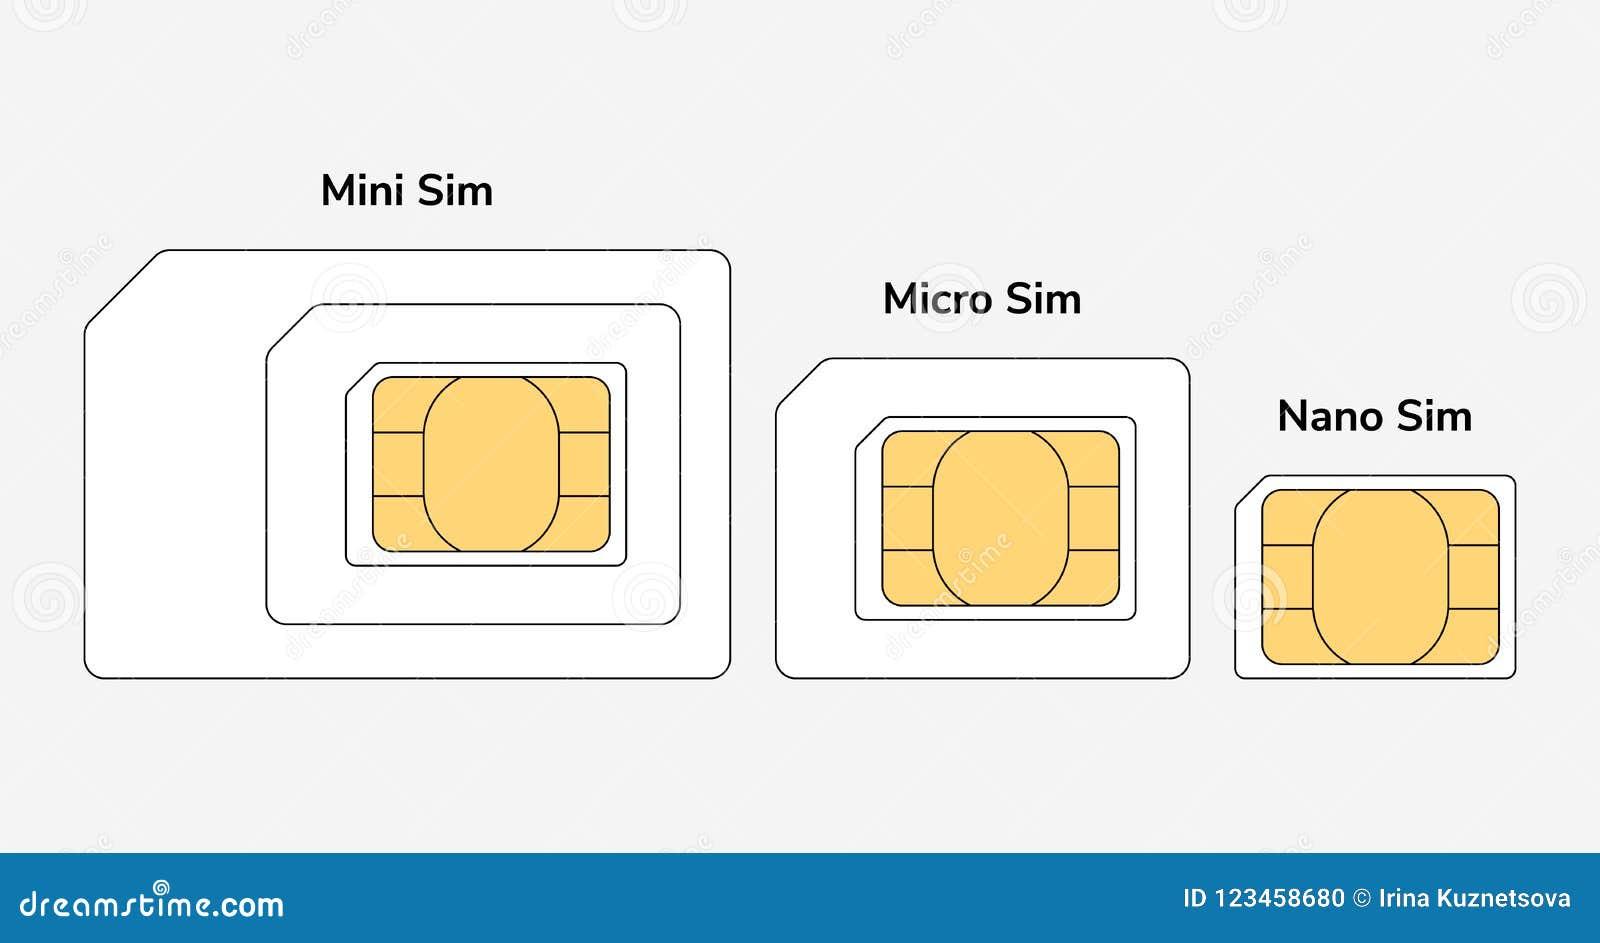 mini sim